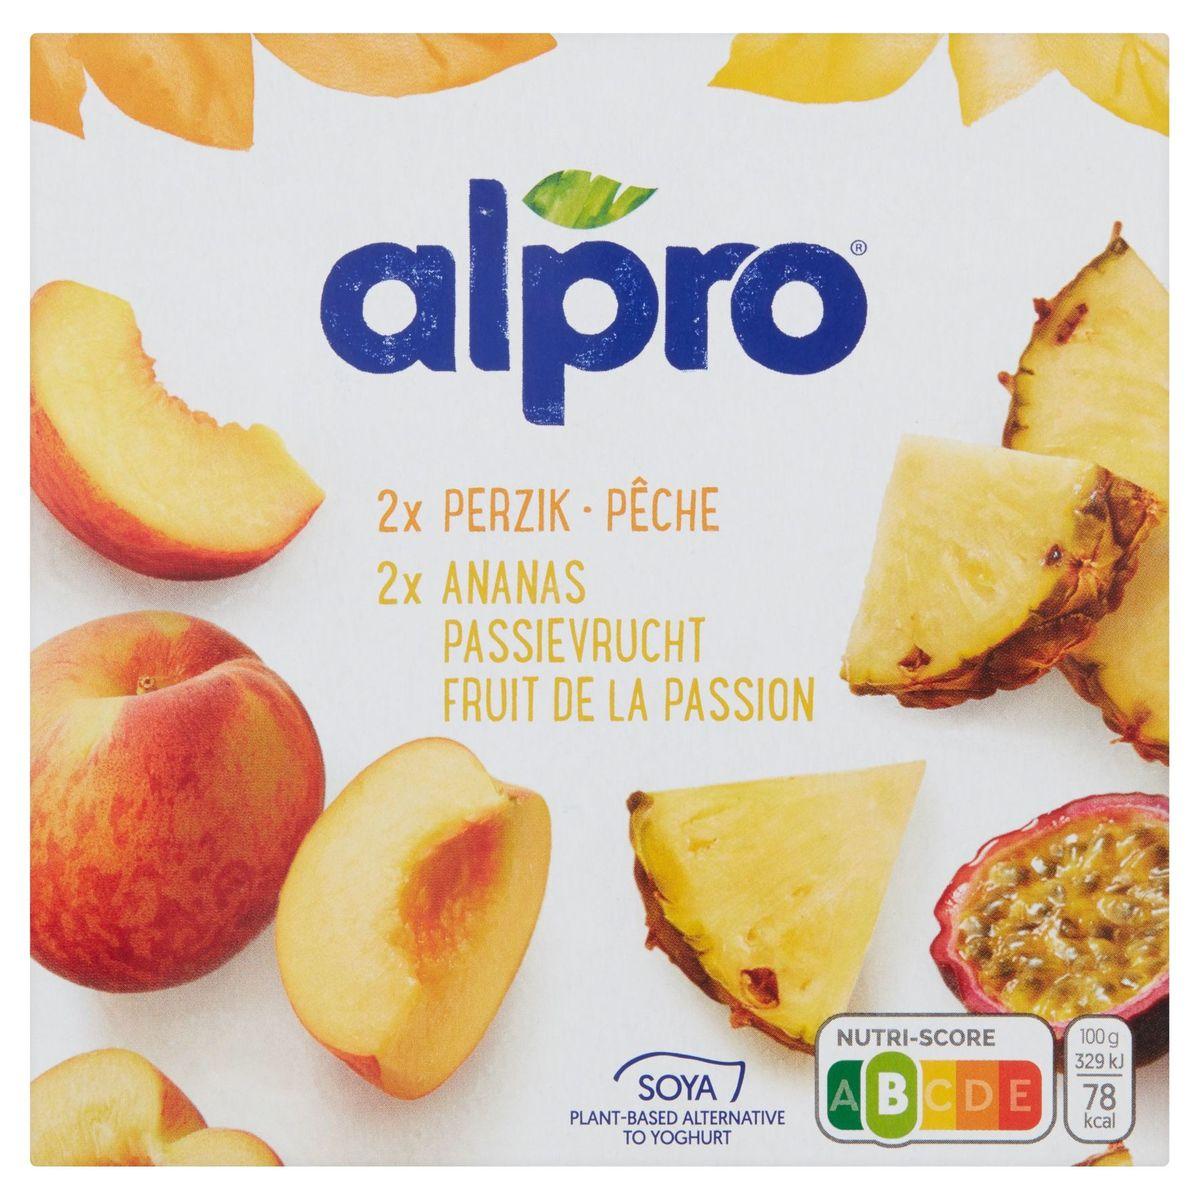 Alpro Soya Pêche Ananas Fruit de la Passion 4 x 125 g